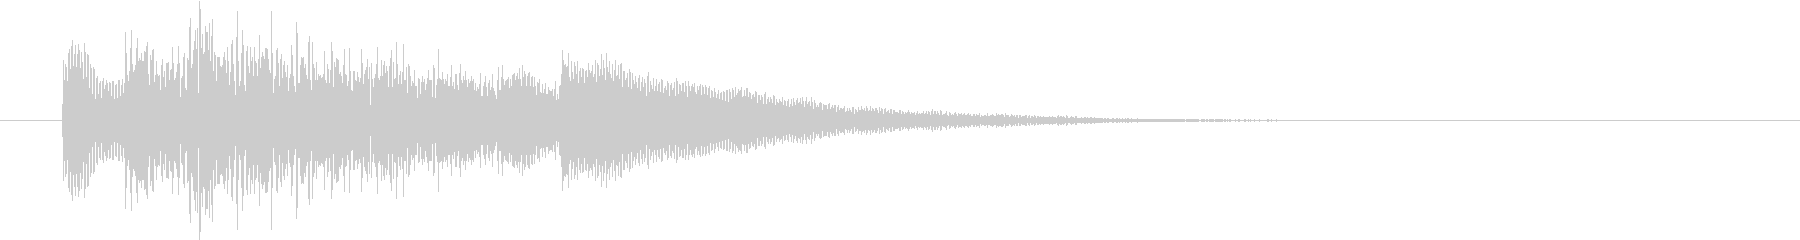 不思議なビブラフォンの駆け上がりの未再生の波形